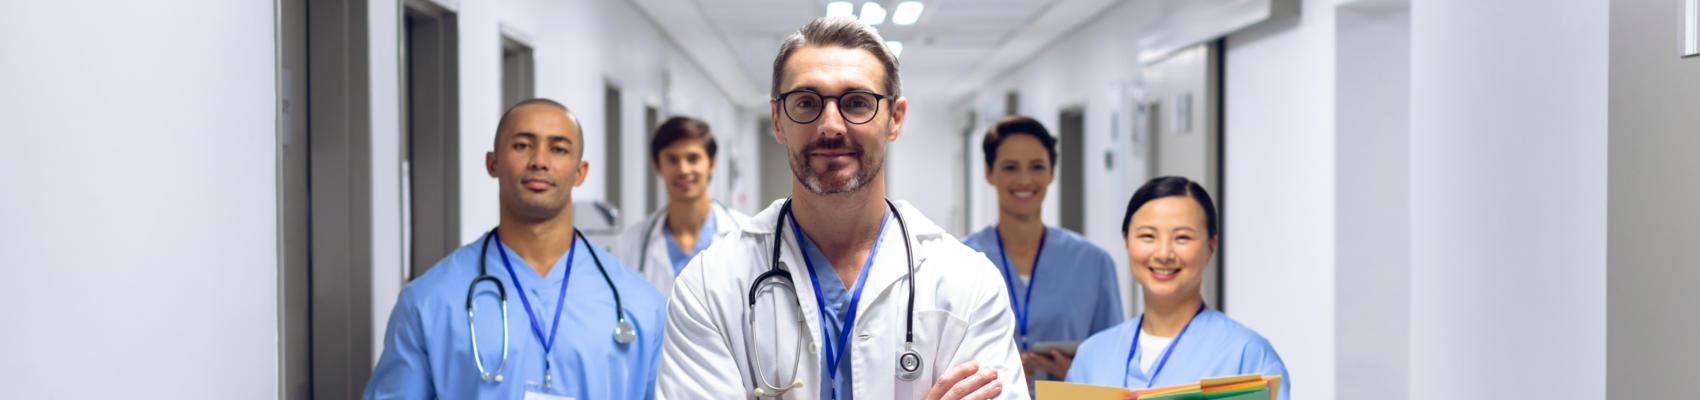 Vermittlung von Ärztinnen & Ärzten